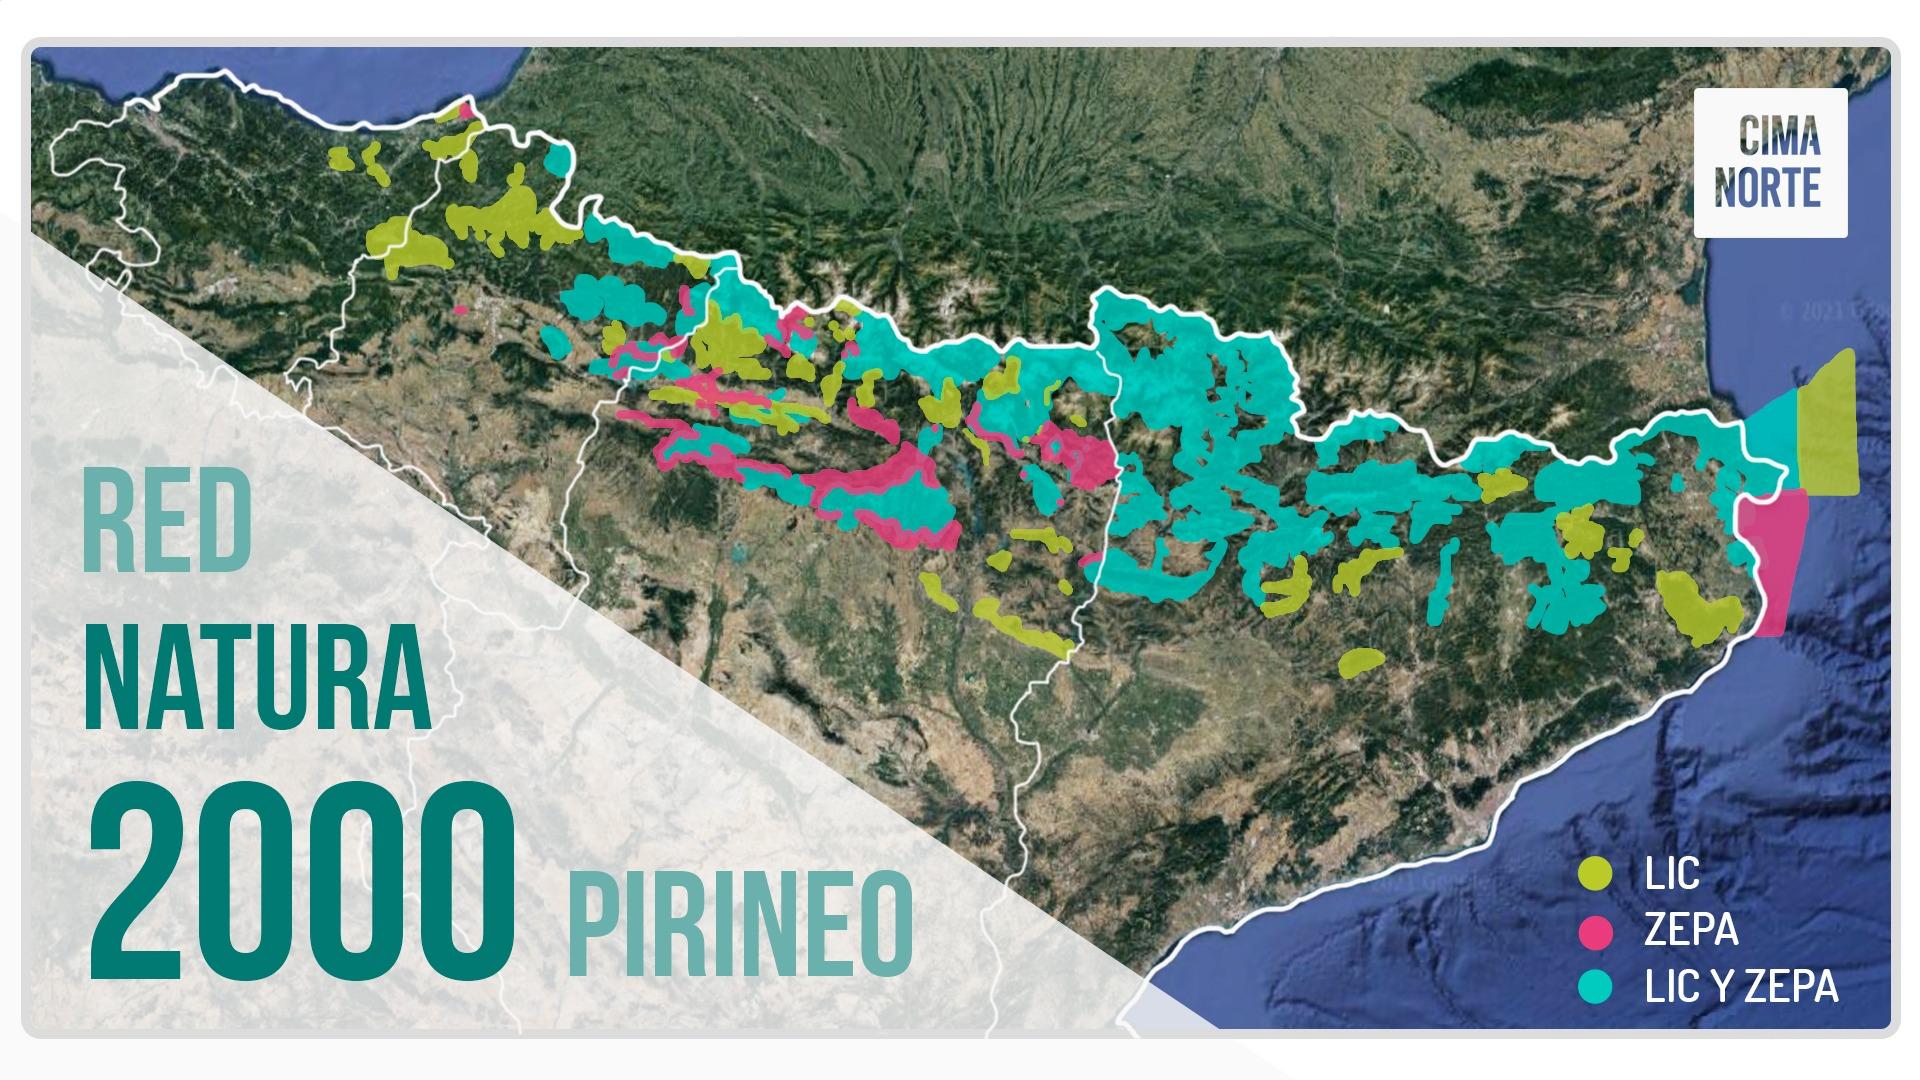 red natura 2000 mapa pirineo